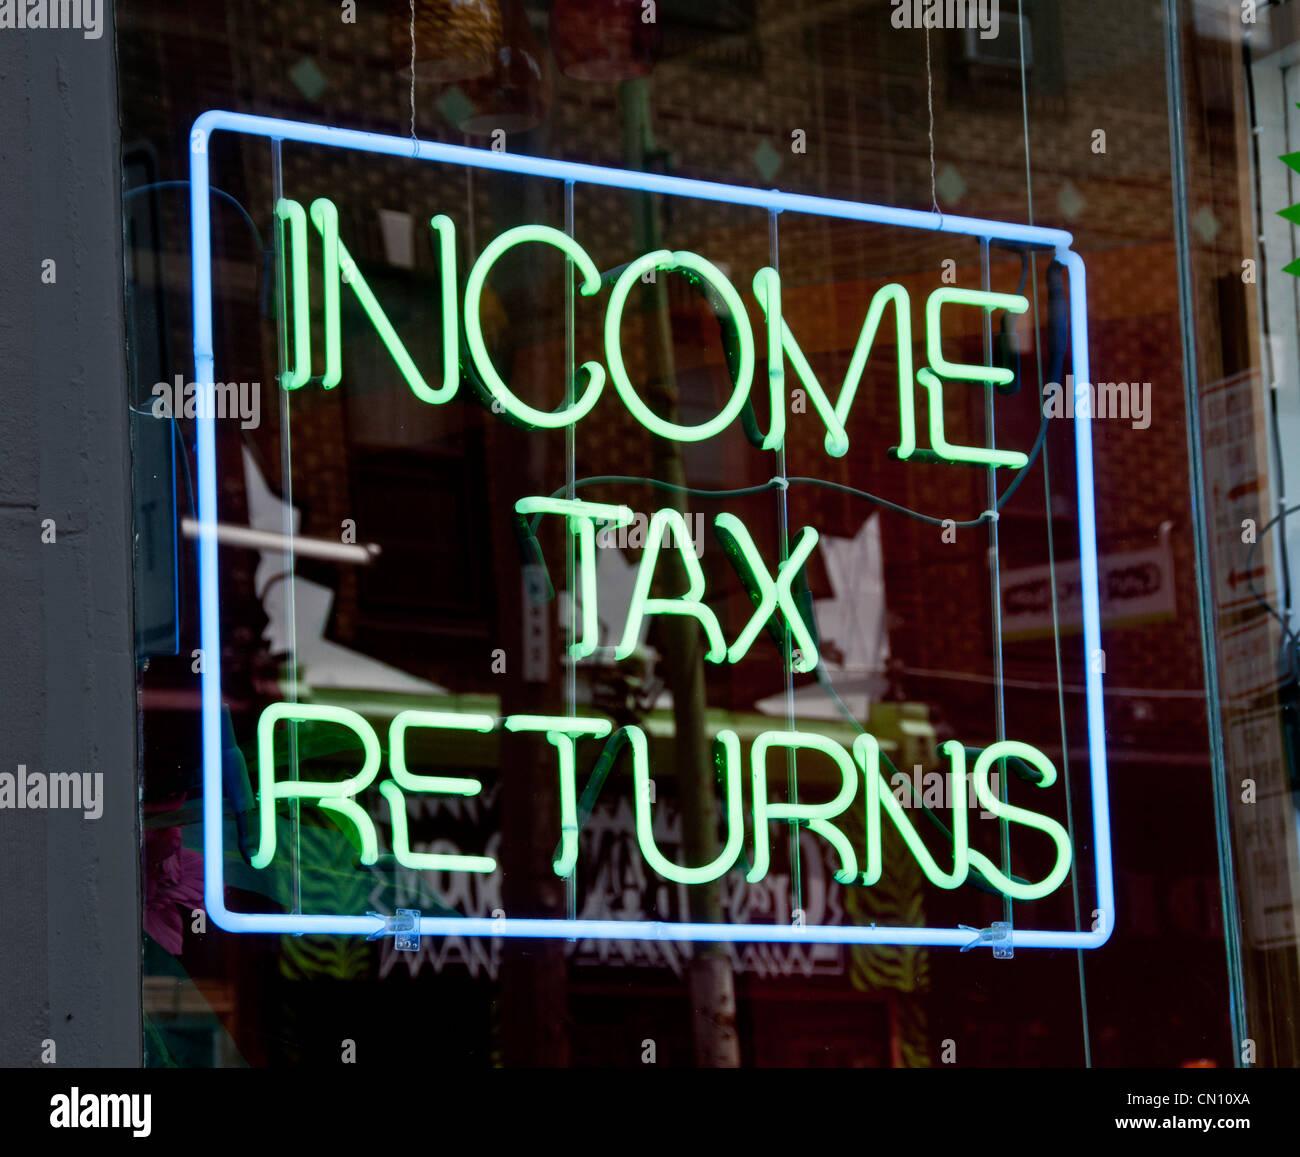 Déclarations d'impôt sur le revenu en néon Photo Stock